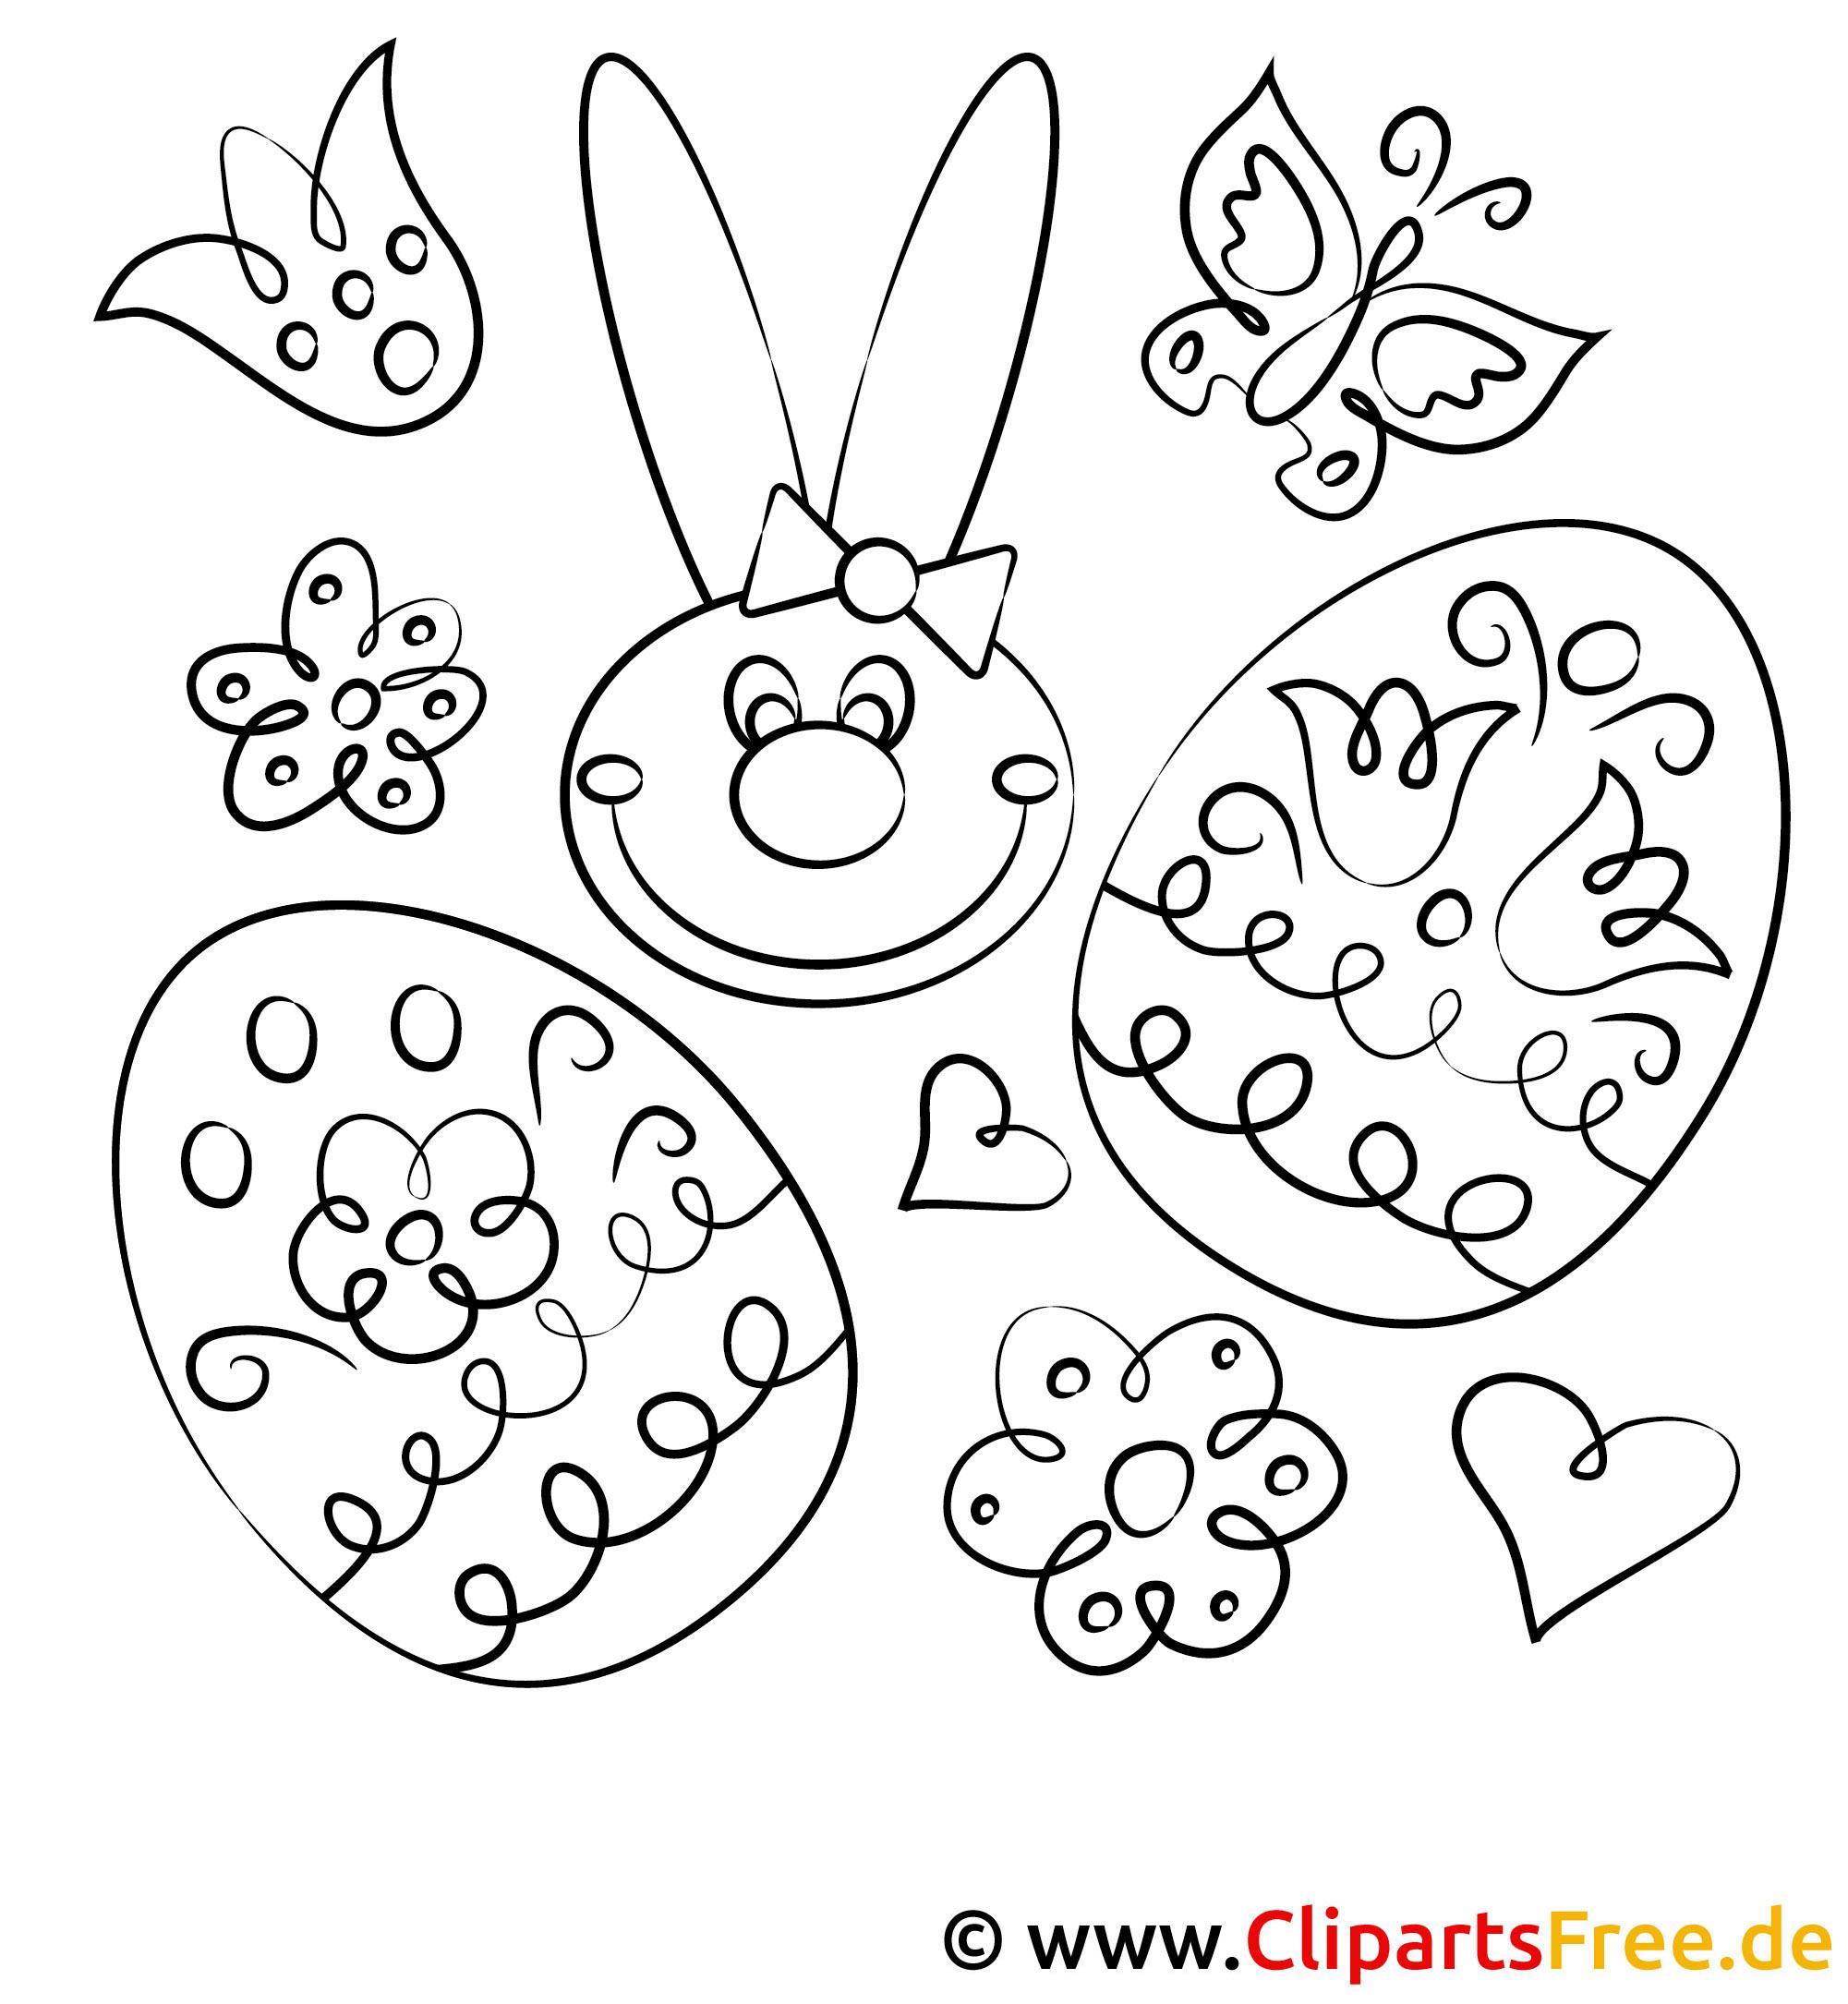 Kanninchen und Eier - Ausmalbild Ostern